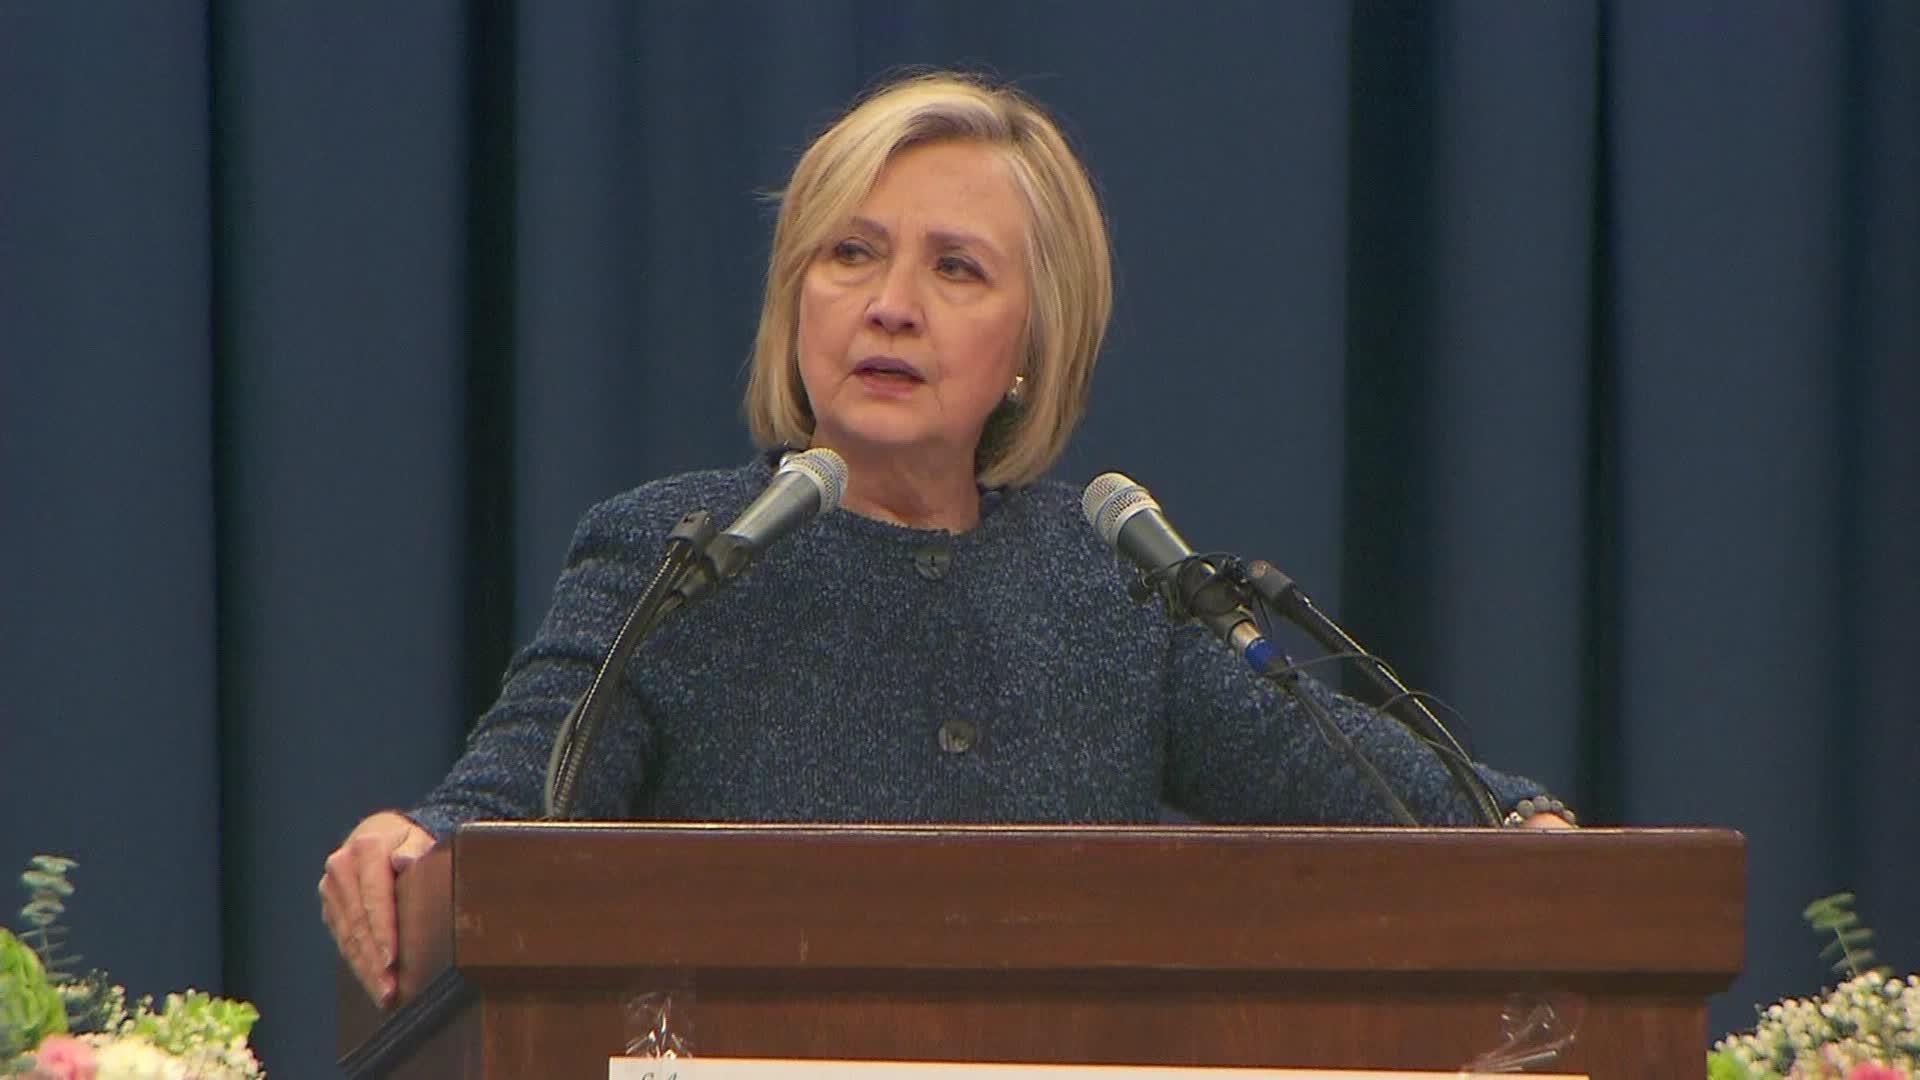 Hillary Clinton Say 'No' to 2020 Presidential Run